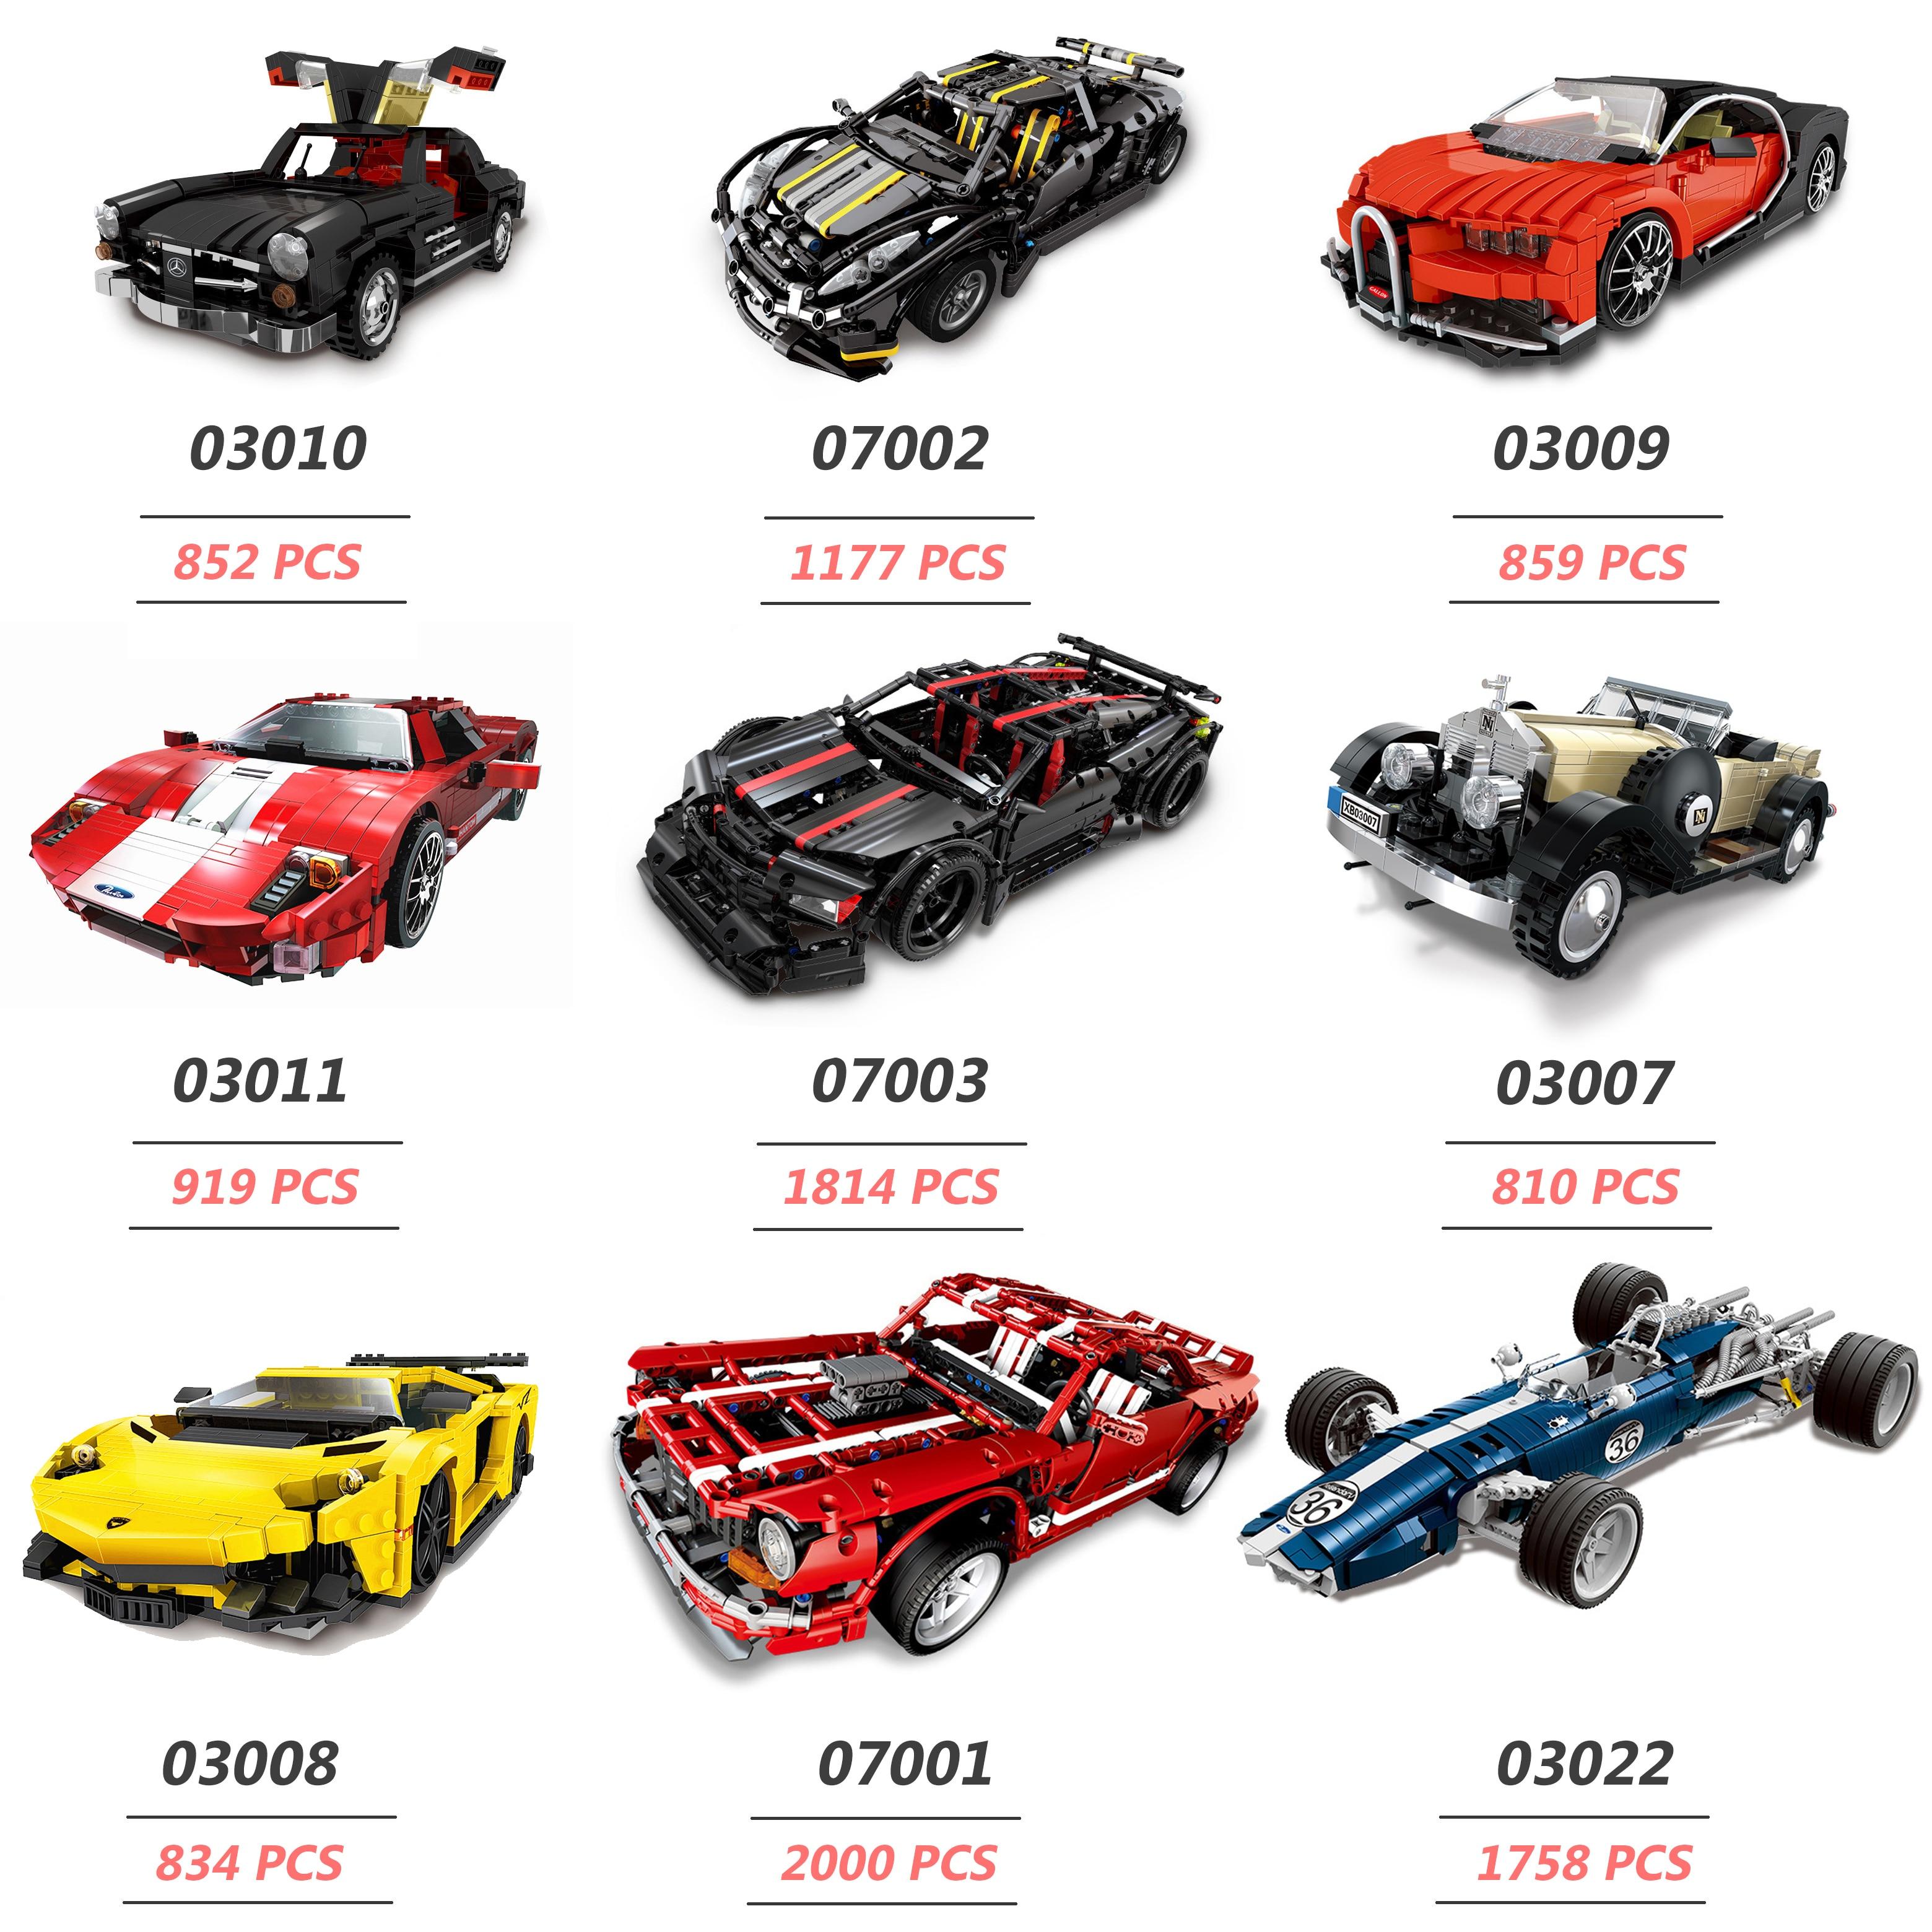 XINGBAO nouvelle série technique 03022 le Noble jeu de voitures de course blocs de construction briques MOC compatibles LegoINGlys TECHNIC voiture enfants jouets